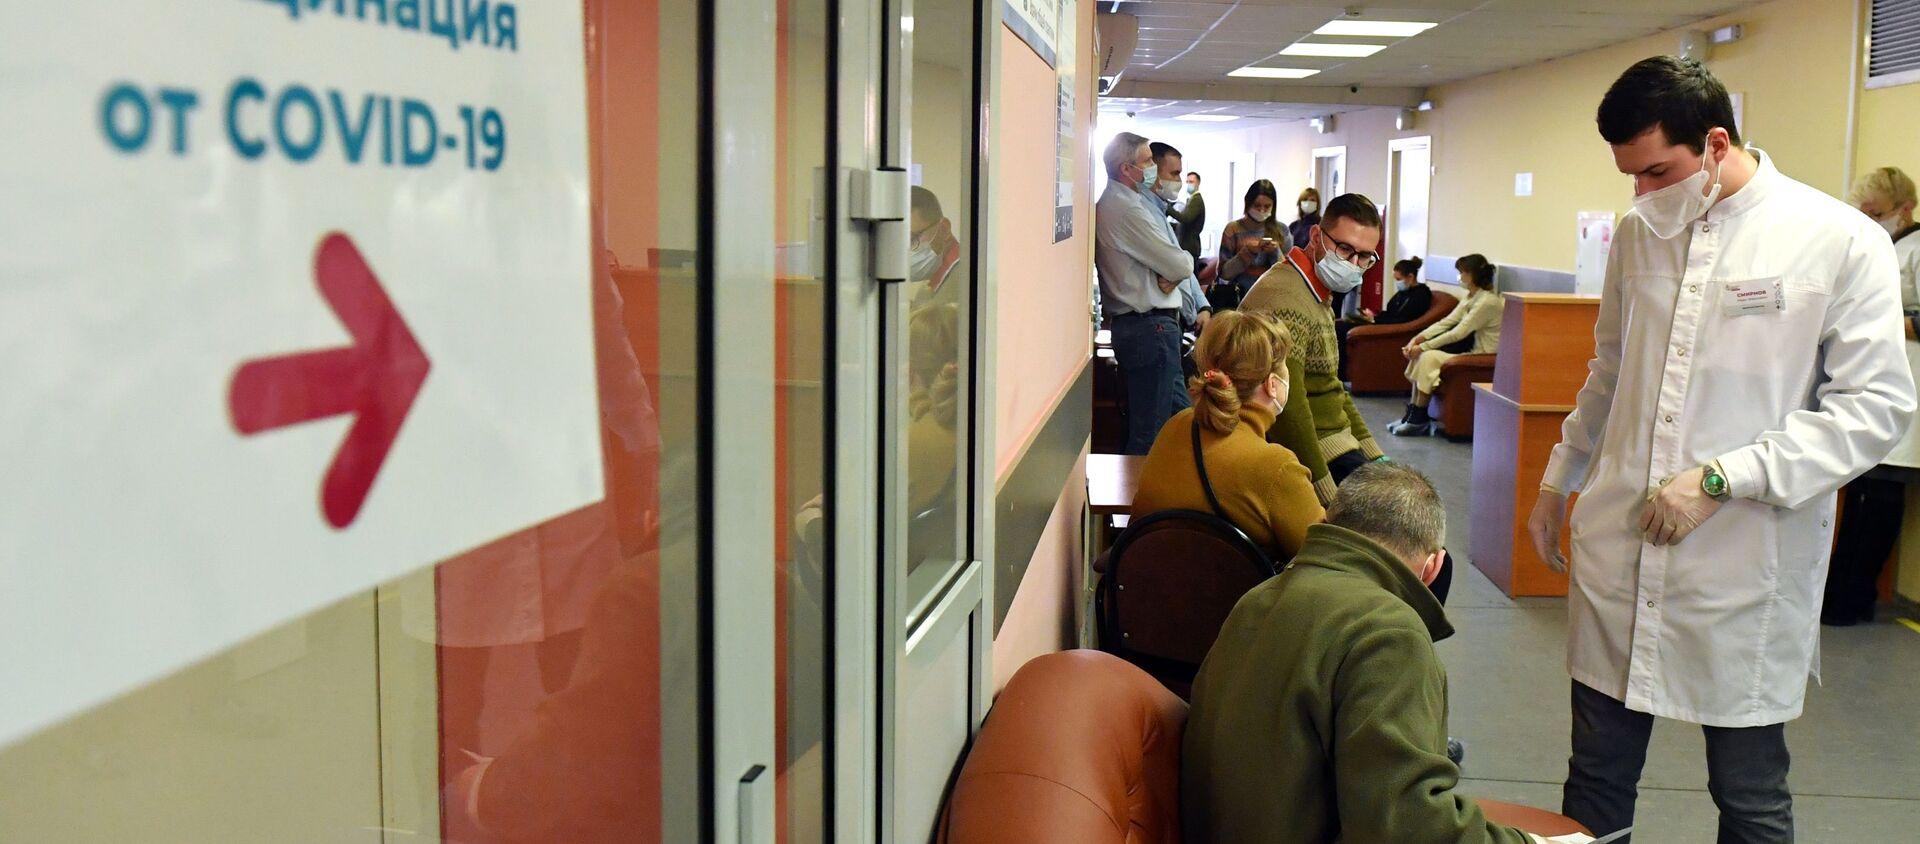 В Москве началась вакцинация от COVID-19 для людей старше 60 лет - Sputnik Беларусь, 1920, 17.05.2021